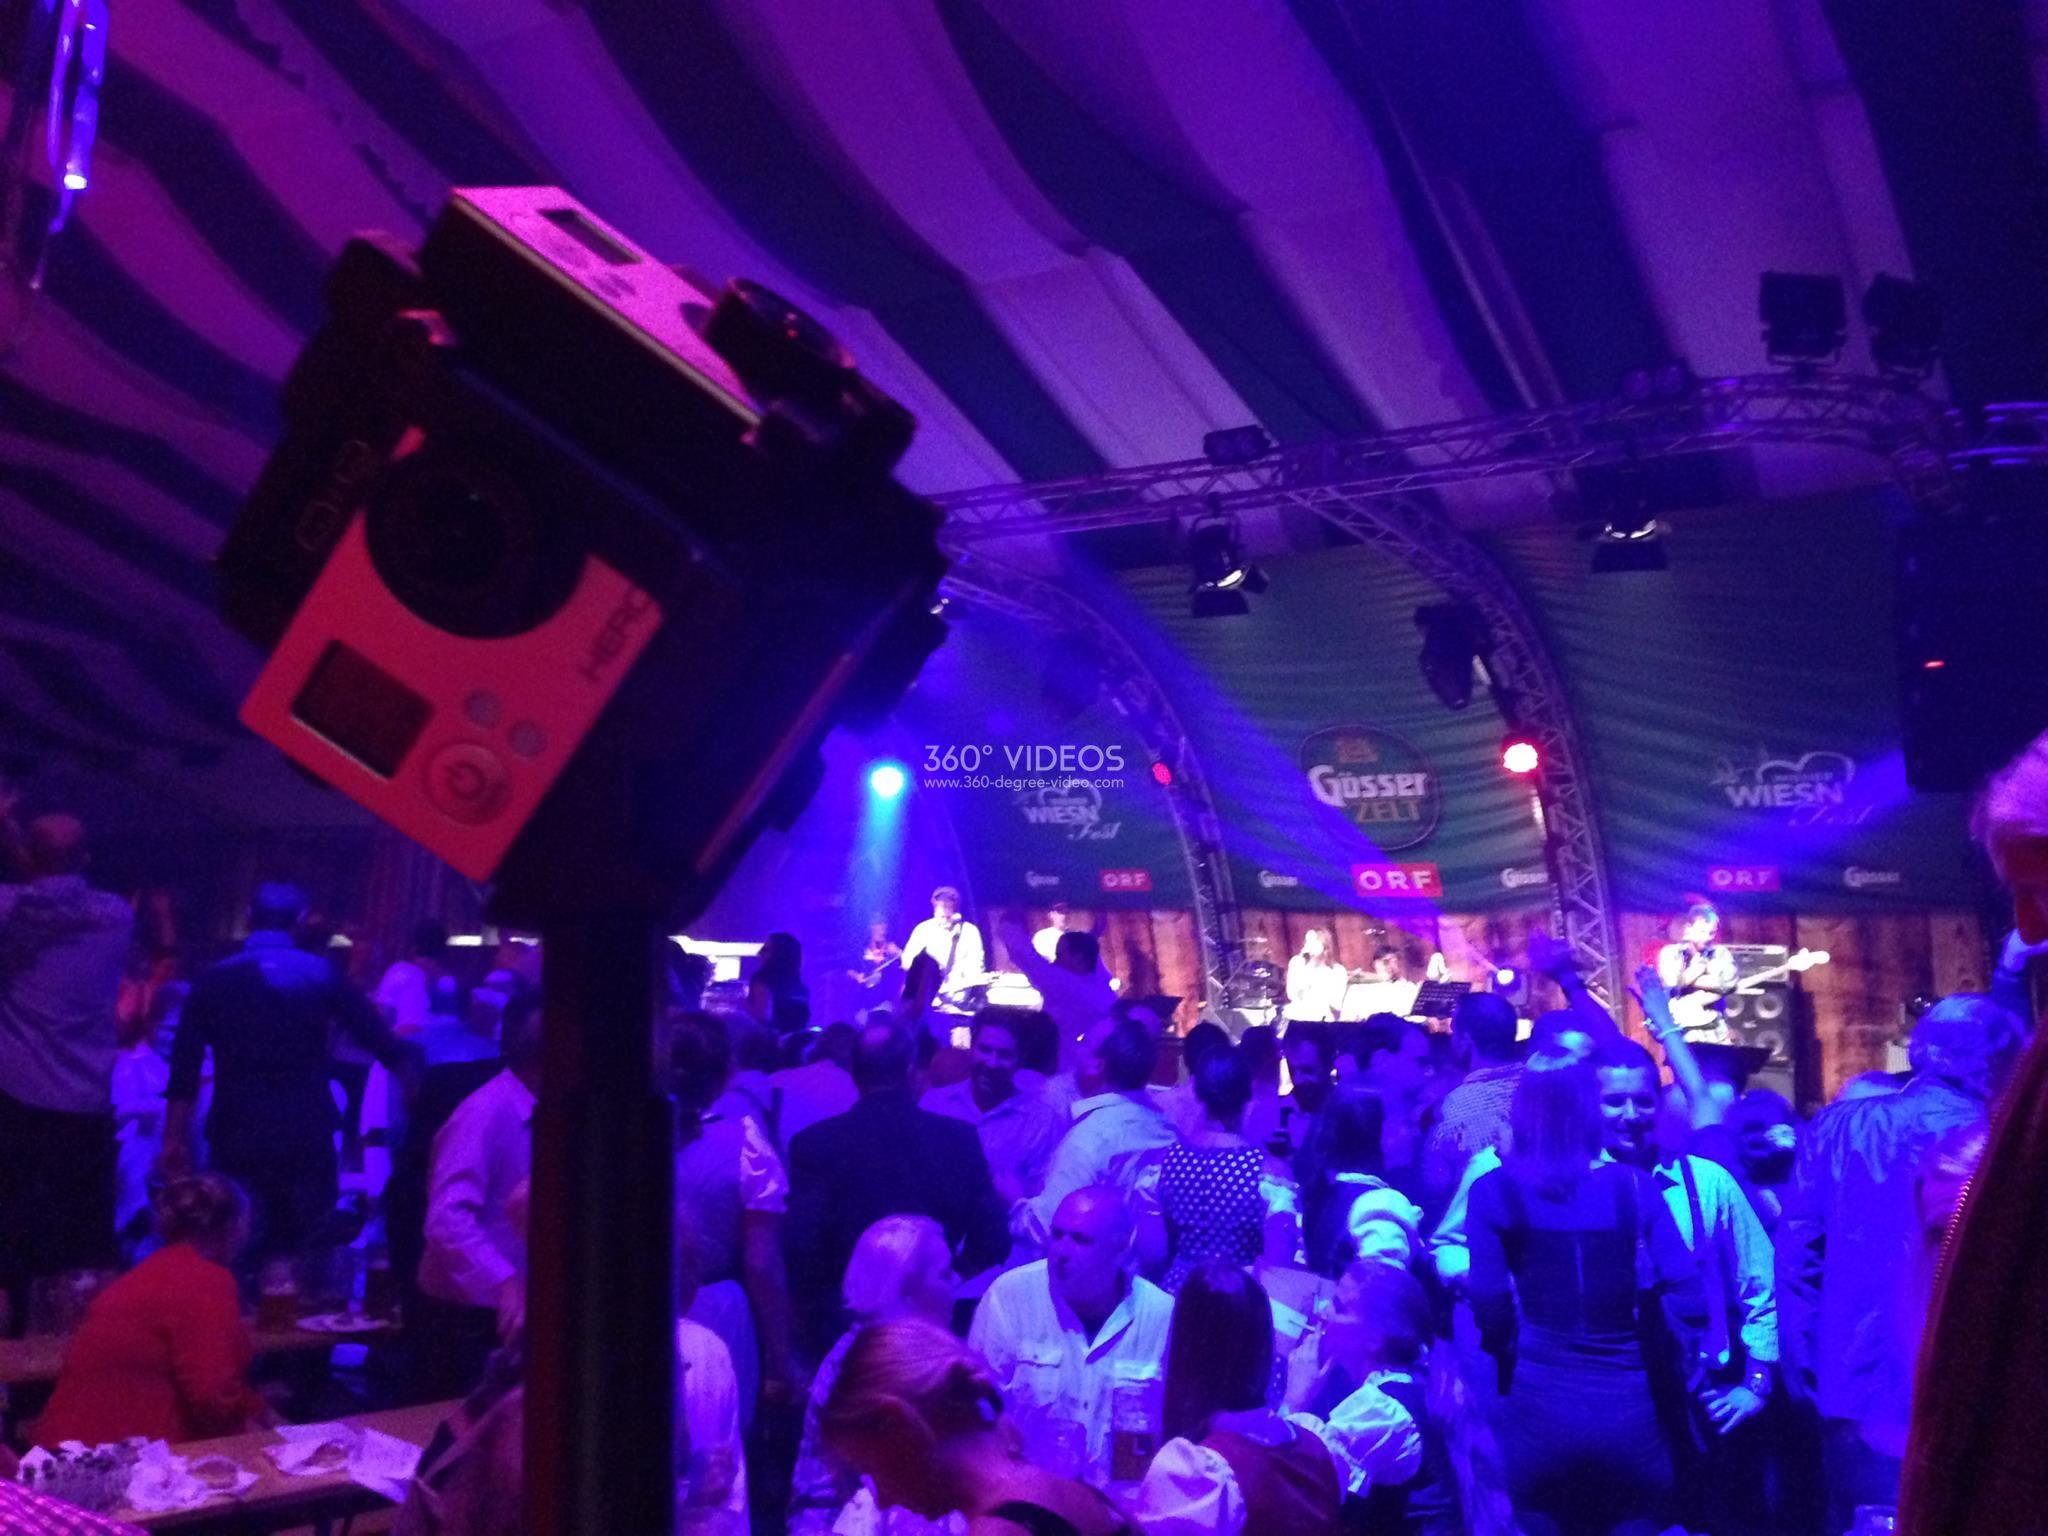 360 degree camera party night